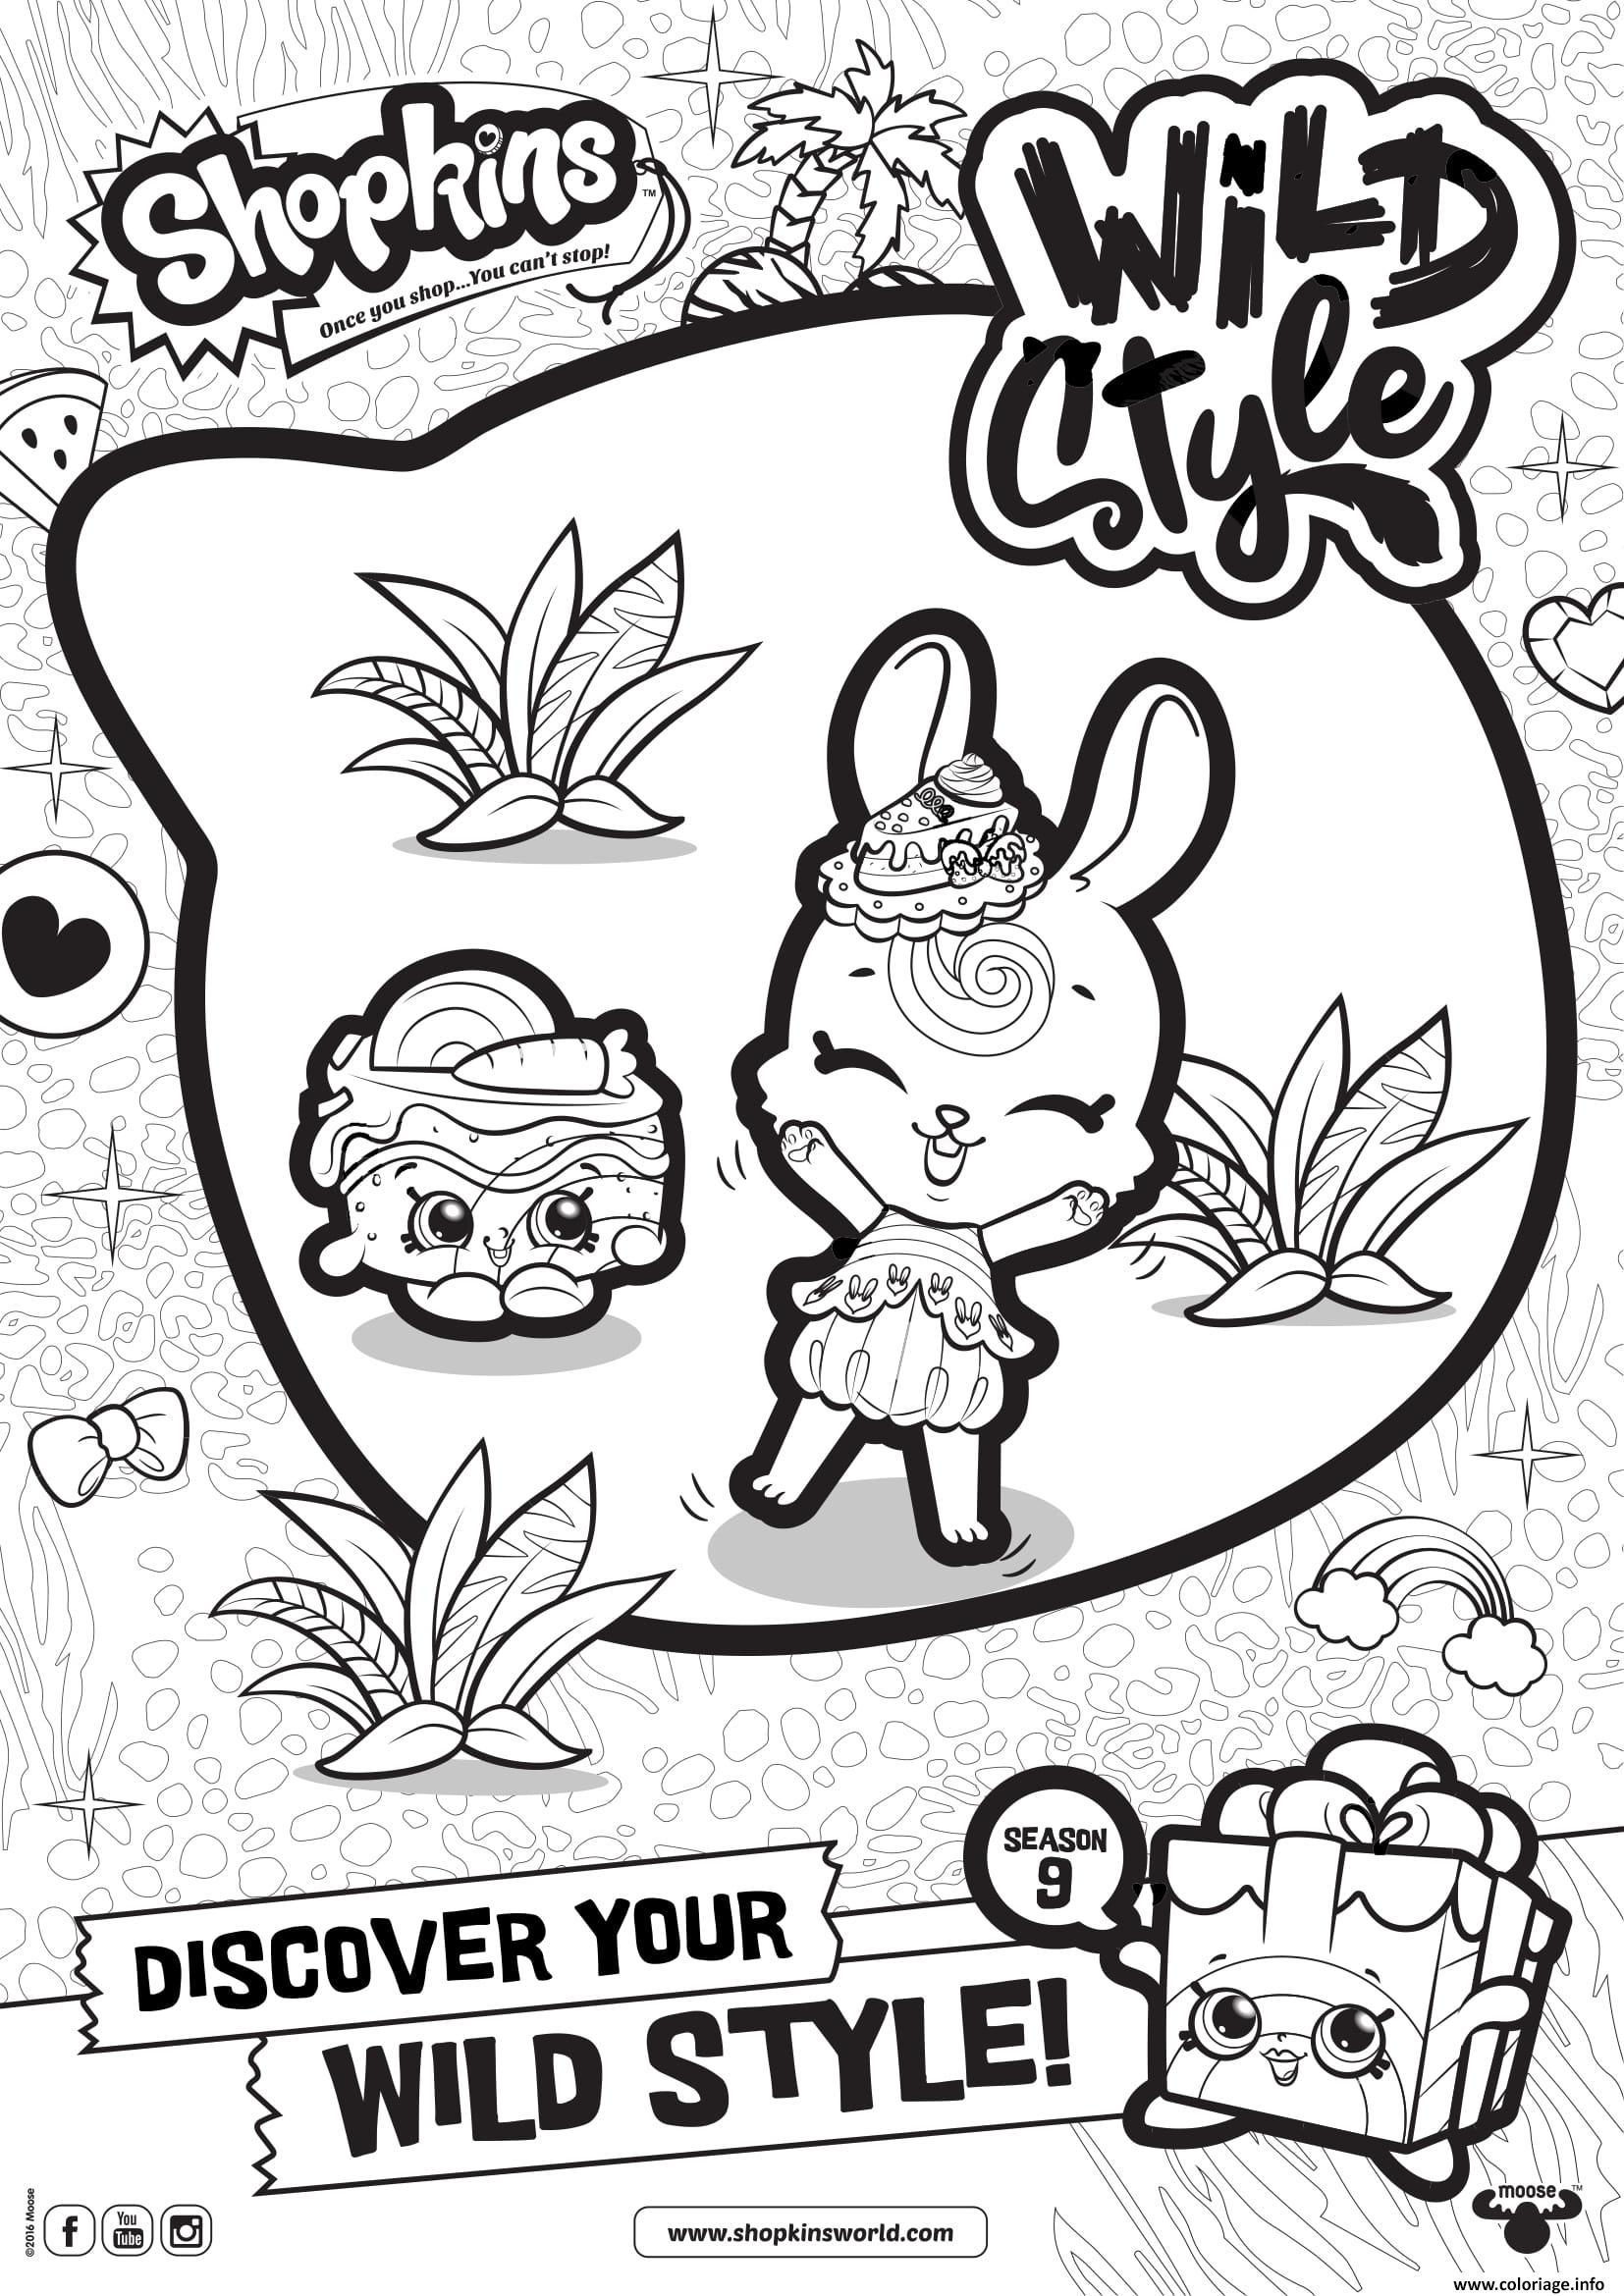 Coloriage shopkins saison 9 wild style 4 dessin - Dessine gratuit ...